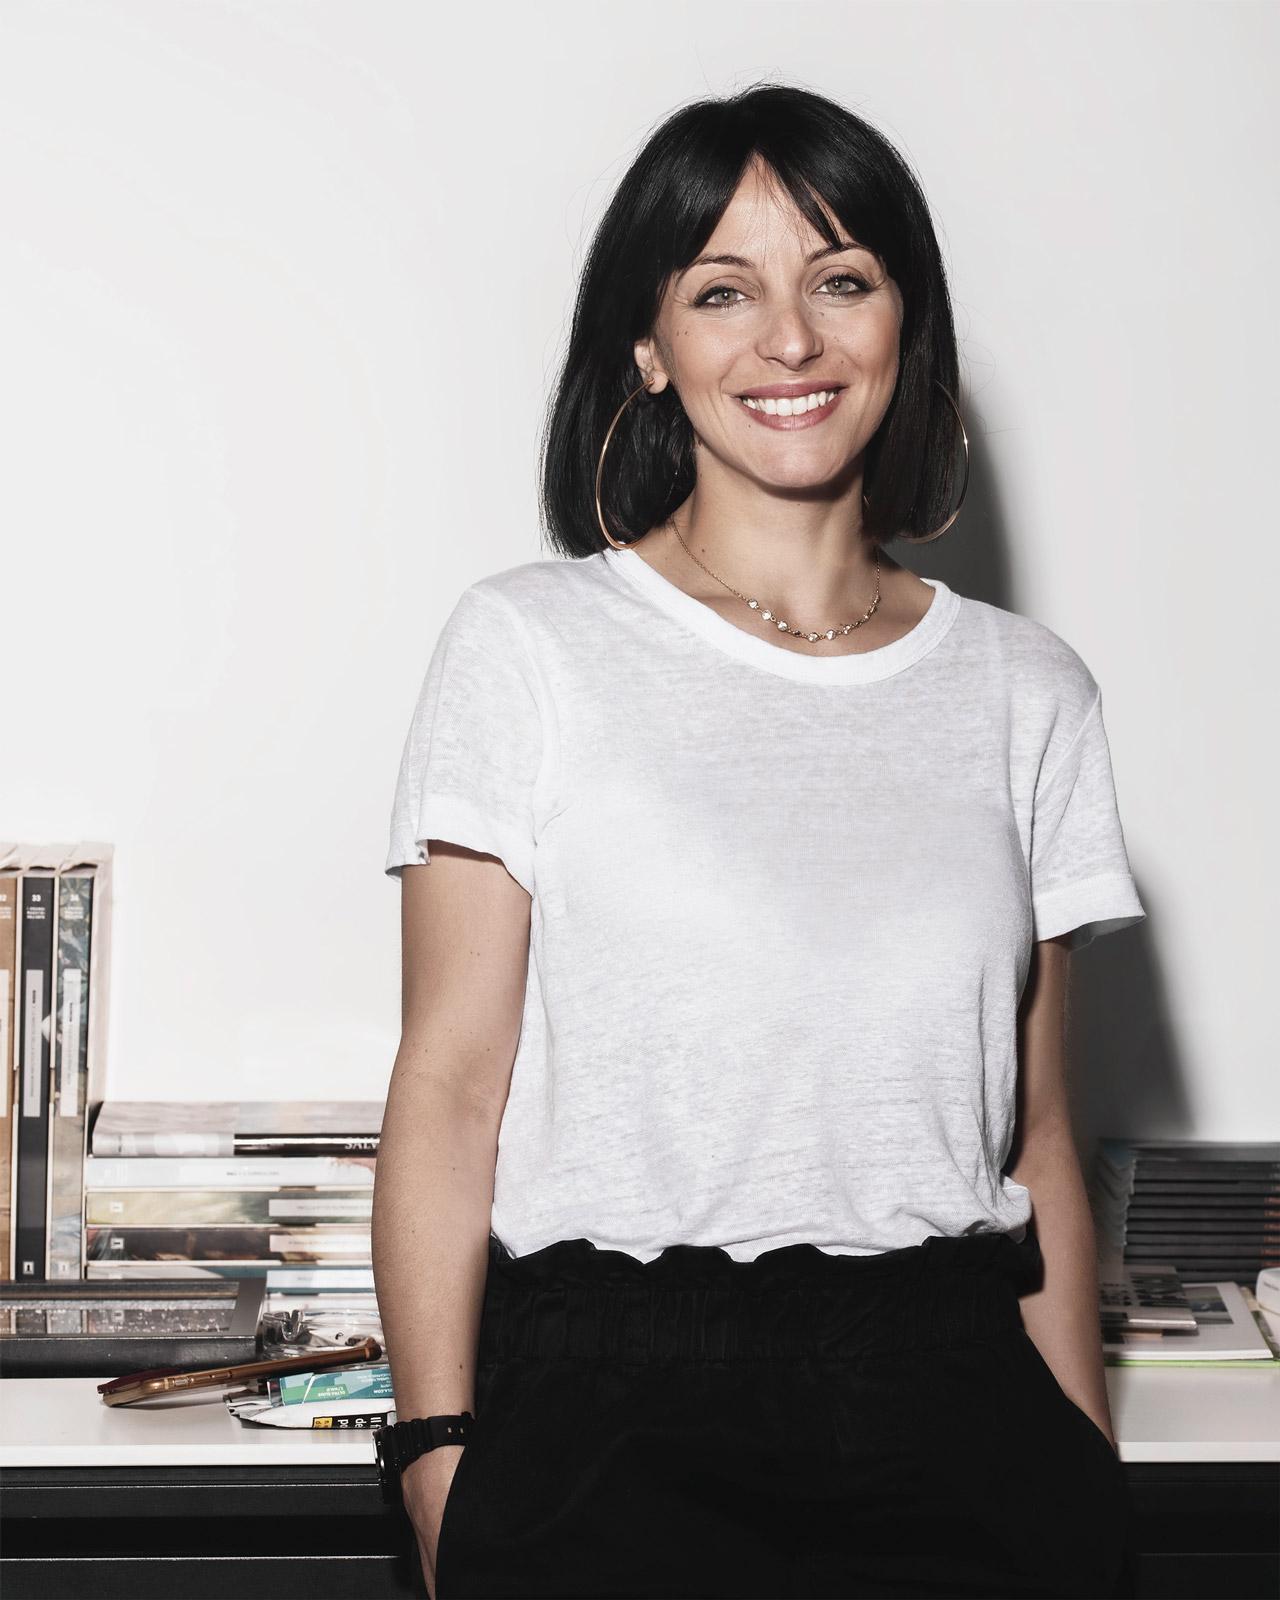 elena-aufiero-officina-50-architetto-nocera-inferiore